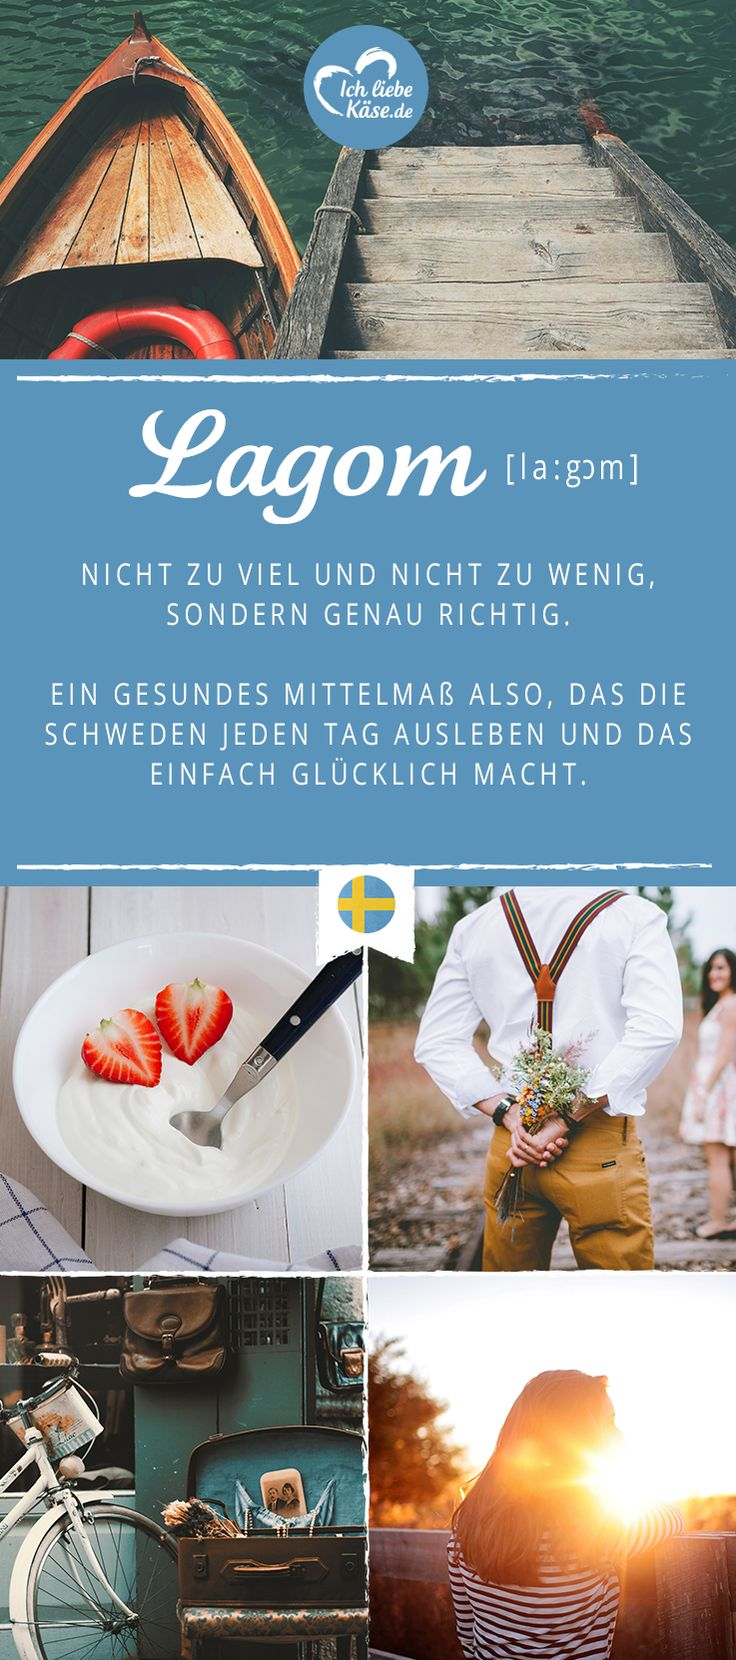 Nach der Definition von Lagom würden wir den Sommer auch am liebsten in Schweden verbringen. Klickt für viele tolle Rezepte für Körper und Seele. <3